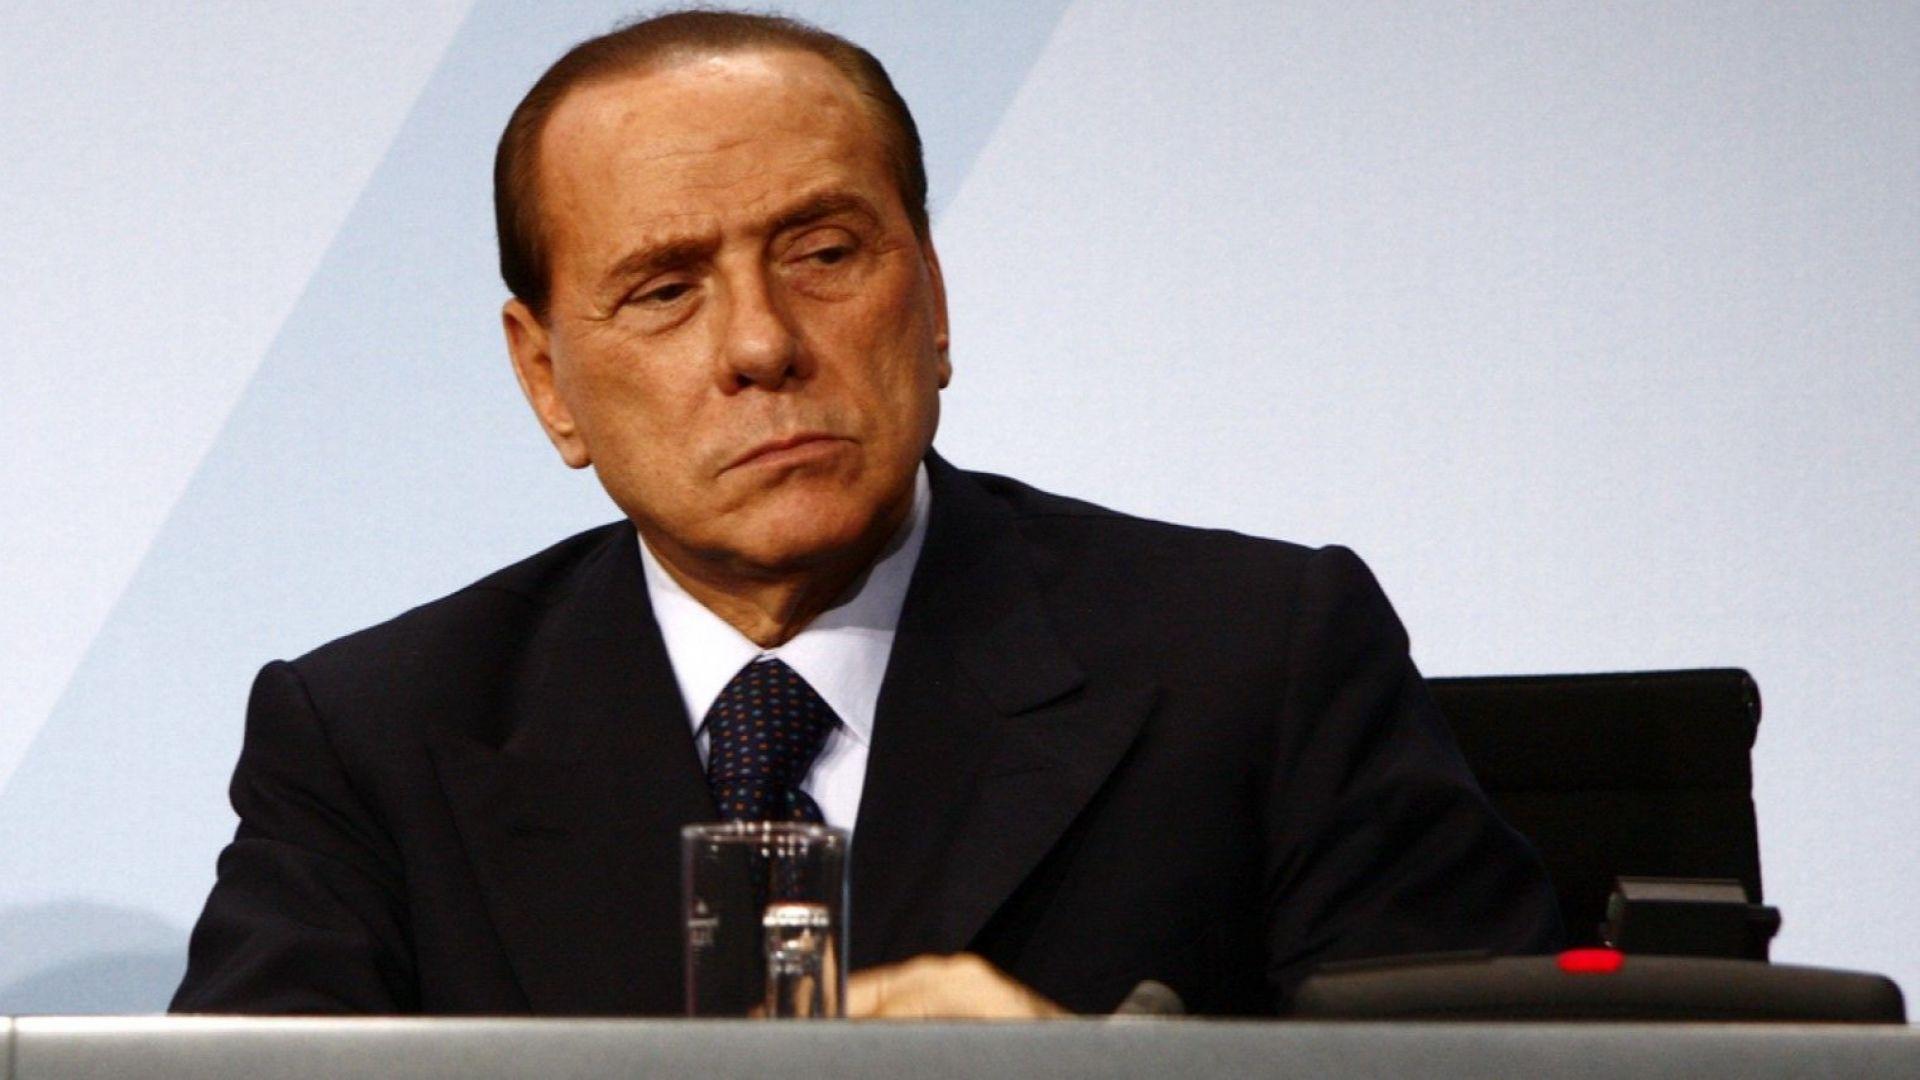 Бос на мафията: Срещах се с Берлускони, докато се укривах от правосъдието